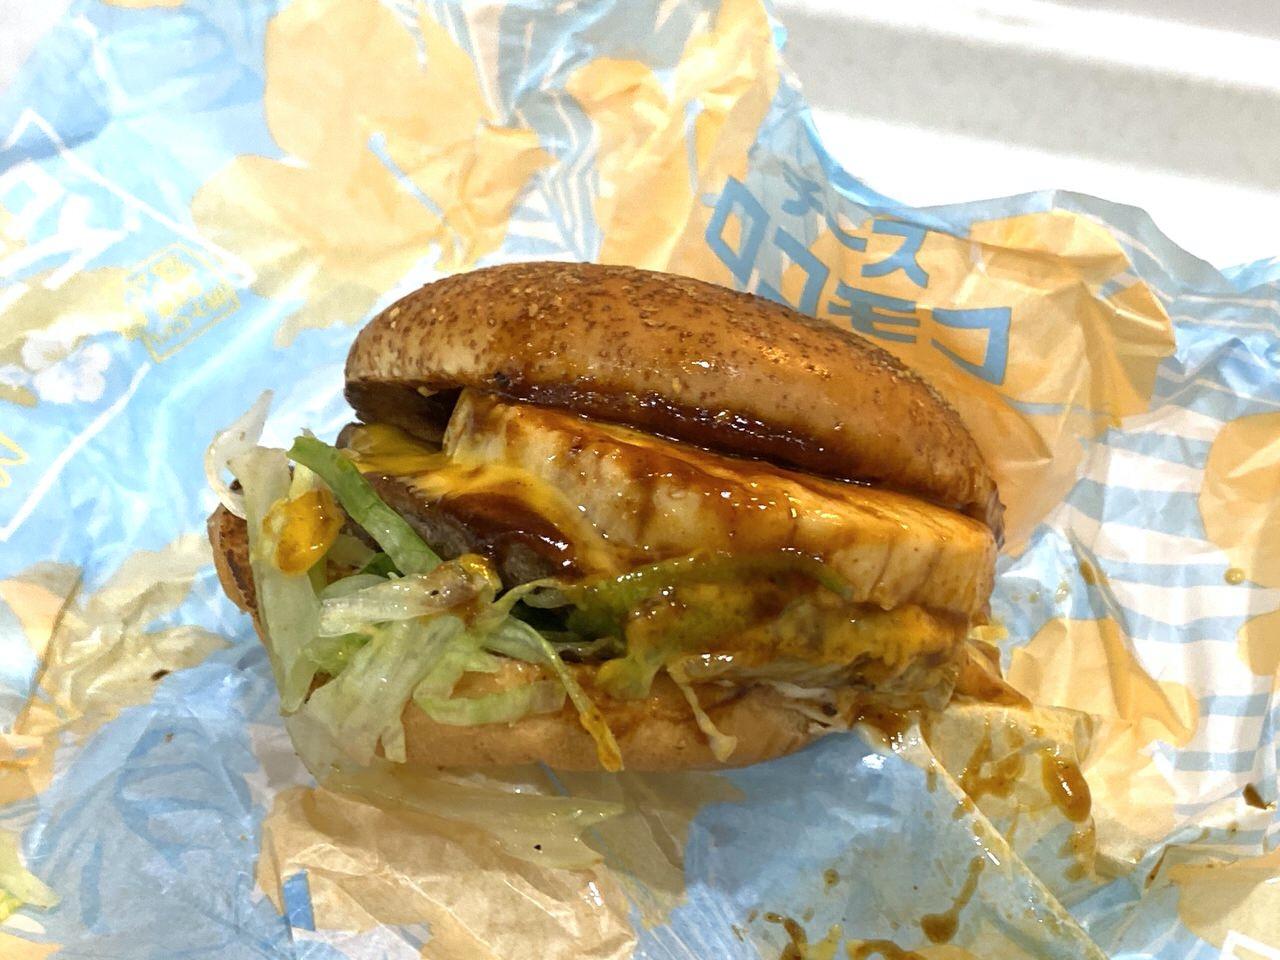 【マクドナルド】品切れしていた「チーズロコモコ」「ハワイアンスパイシーバーベキュー」を食べてみた!